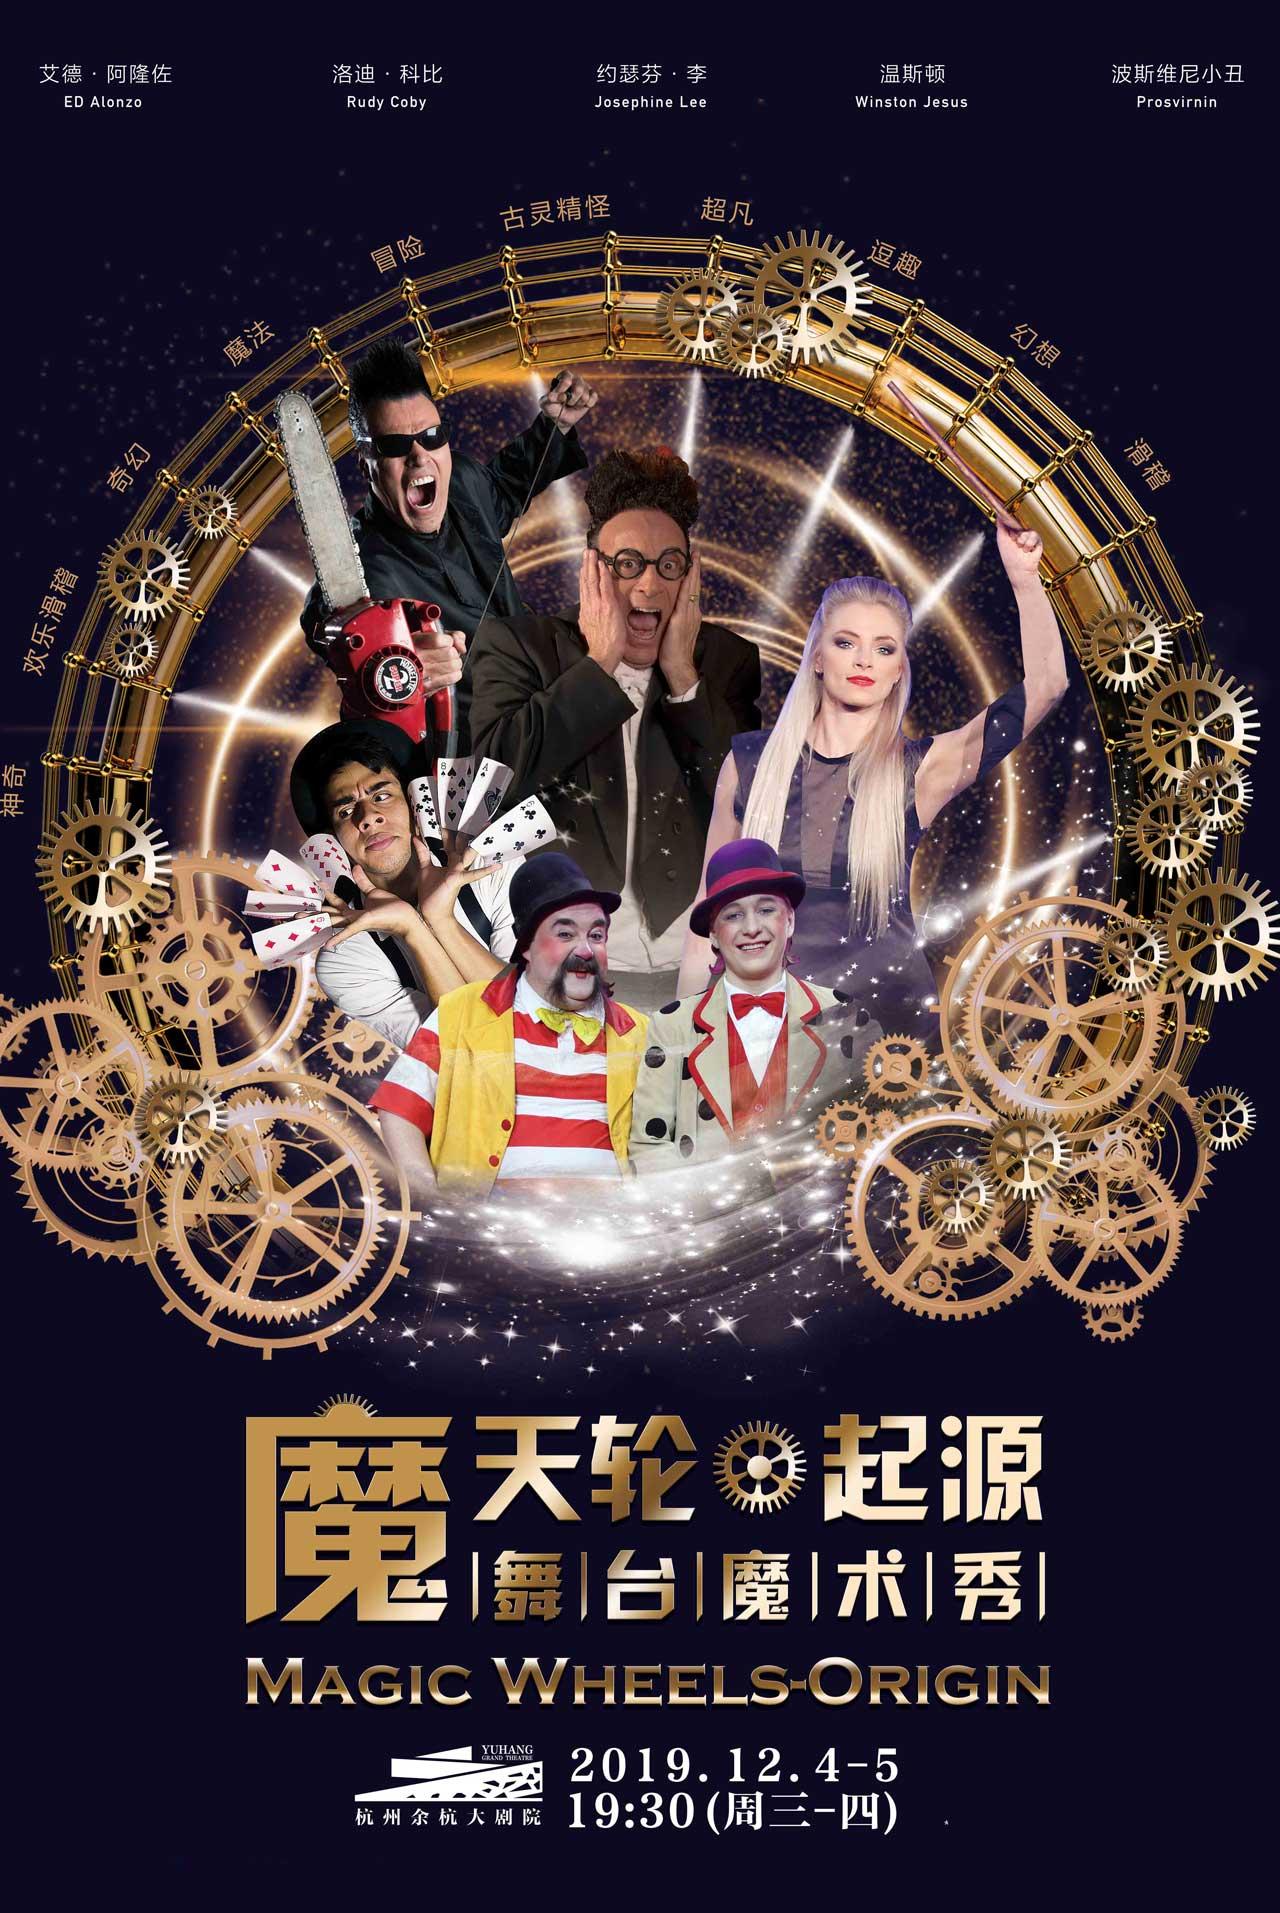 舞台魔术秀《魔天轮・起源》杭州站